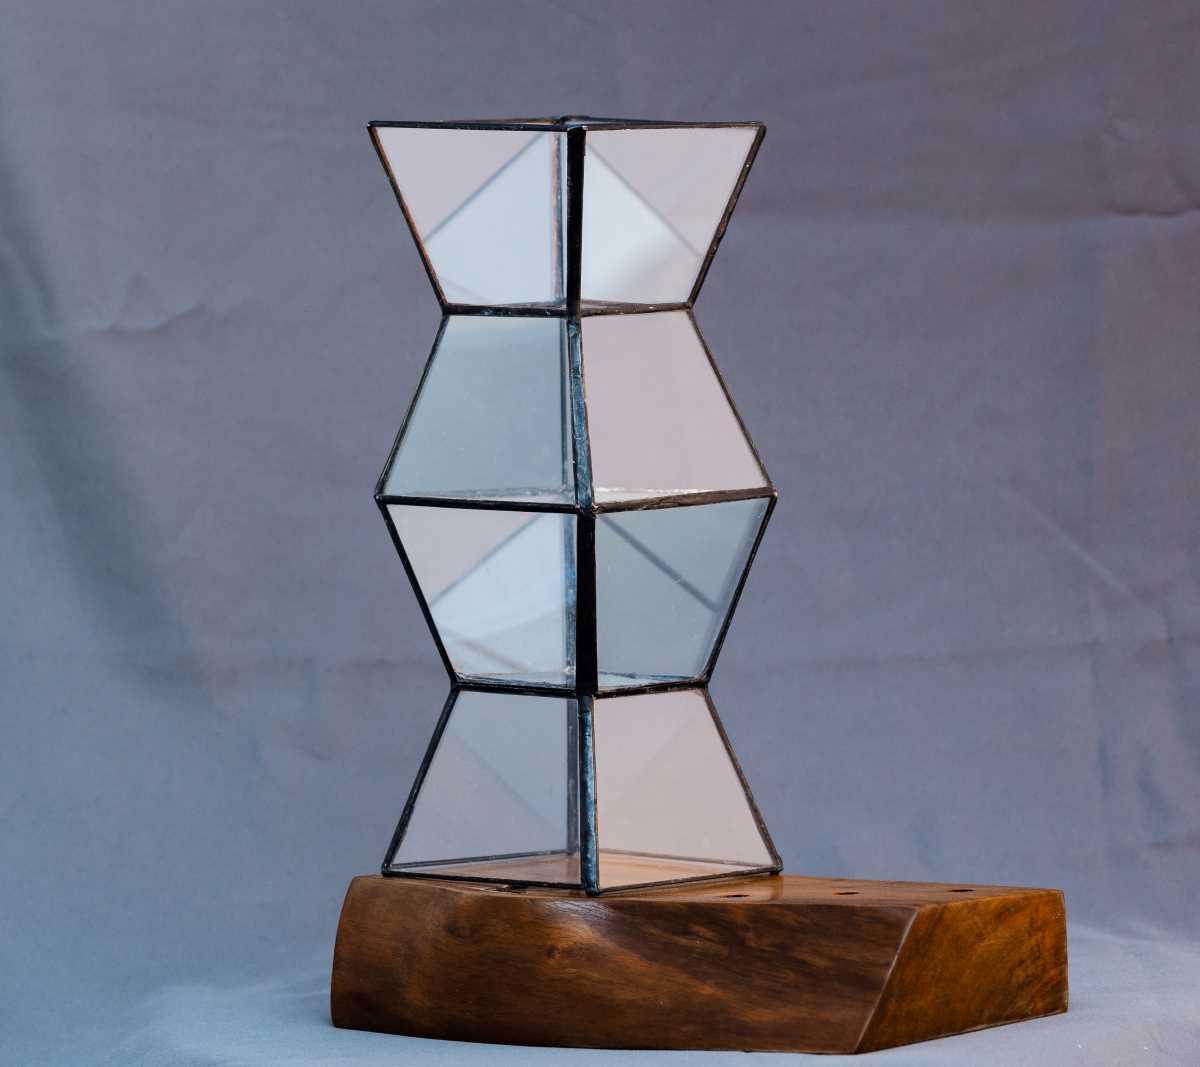 terariu din sticla, coloana lui brancusi, pe suport de lemn, greenarium